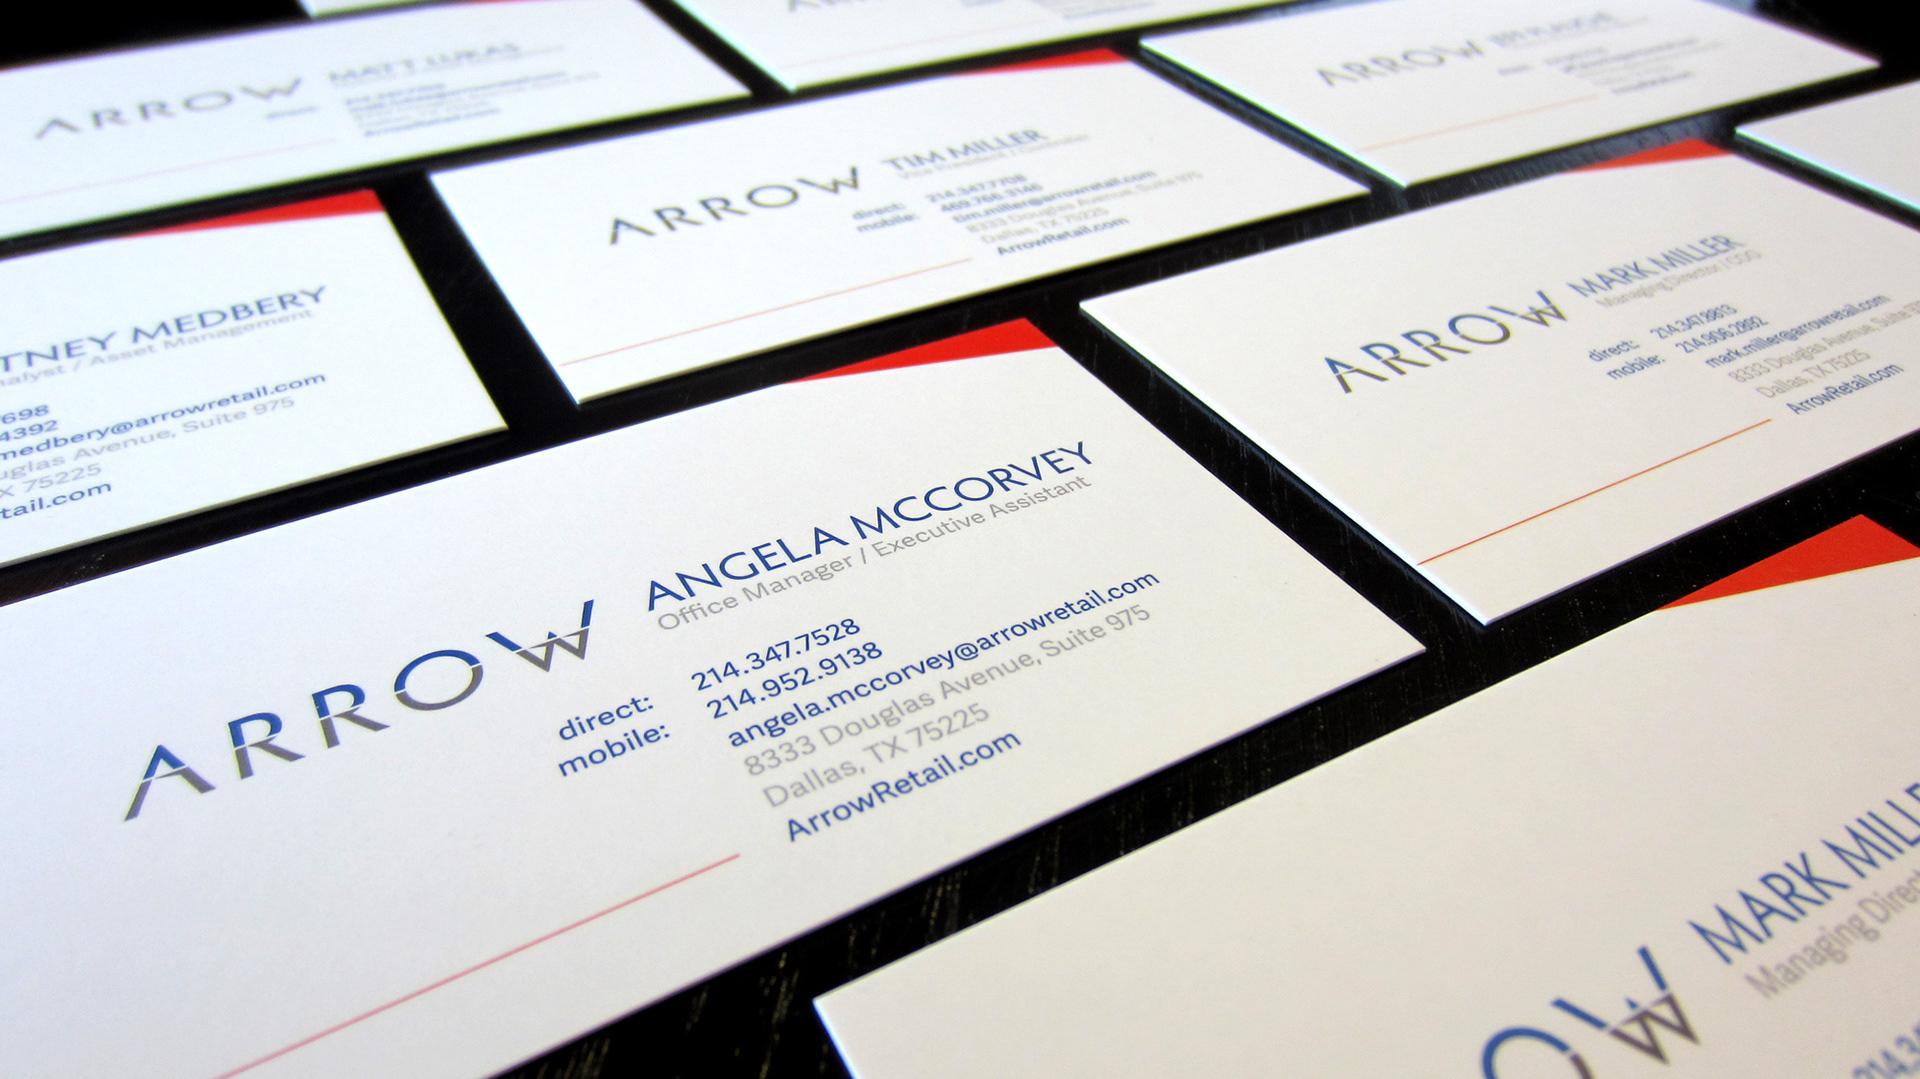 Kyle Hale - Arrow Retail - Business Card Design